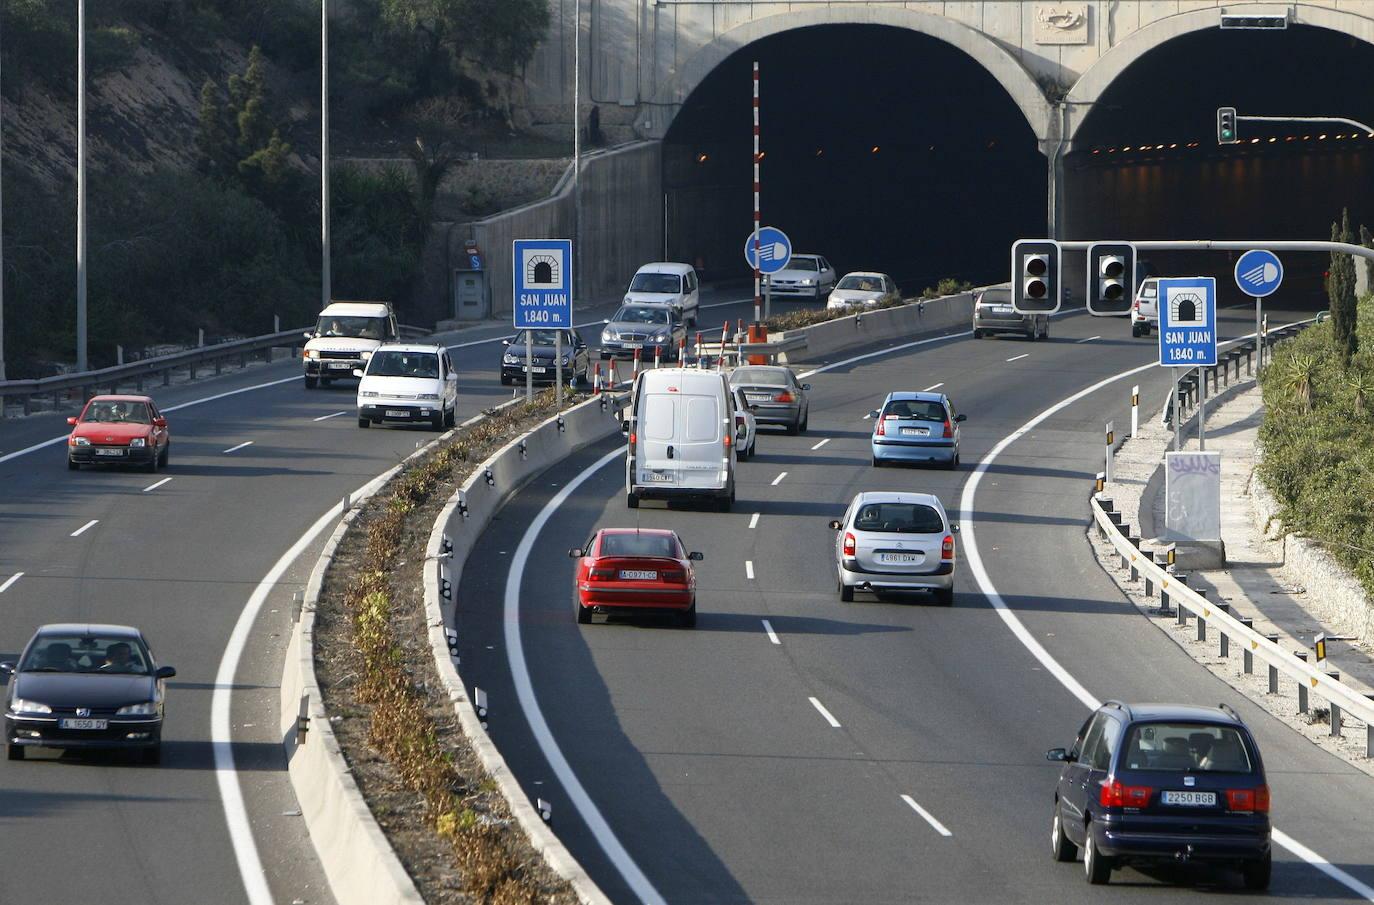 Fallece un motorista al chocar con un turismo en la carretera A-70 de Alicante